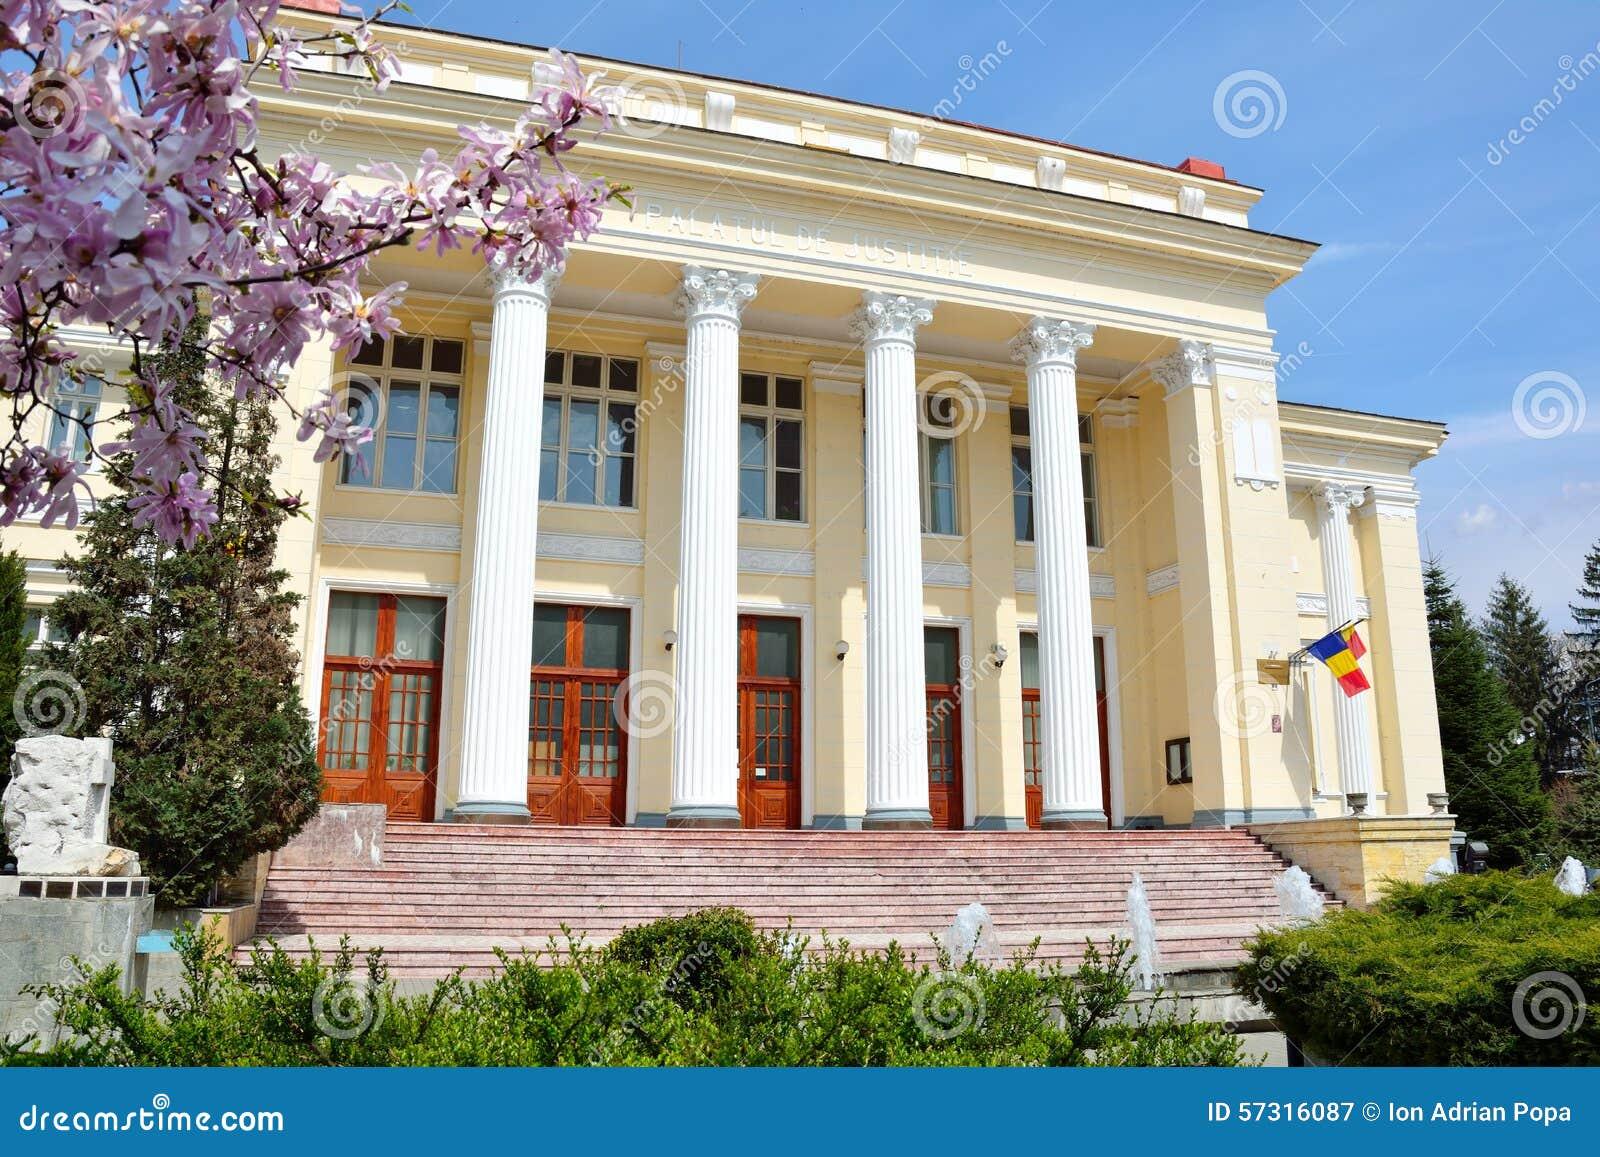 Palais de justice, Ramnicu Valcea, Roumanie/Palatul de Justitie